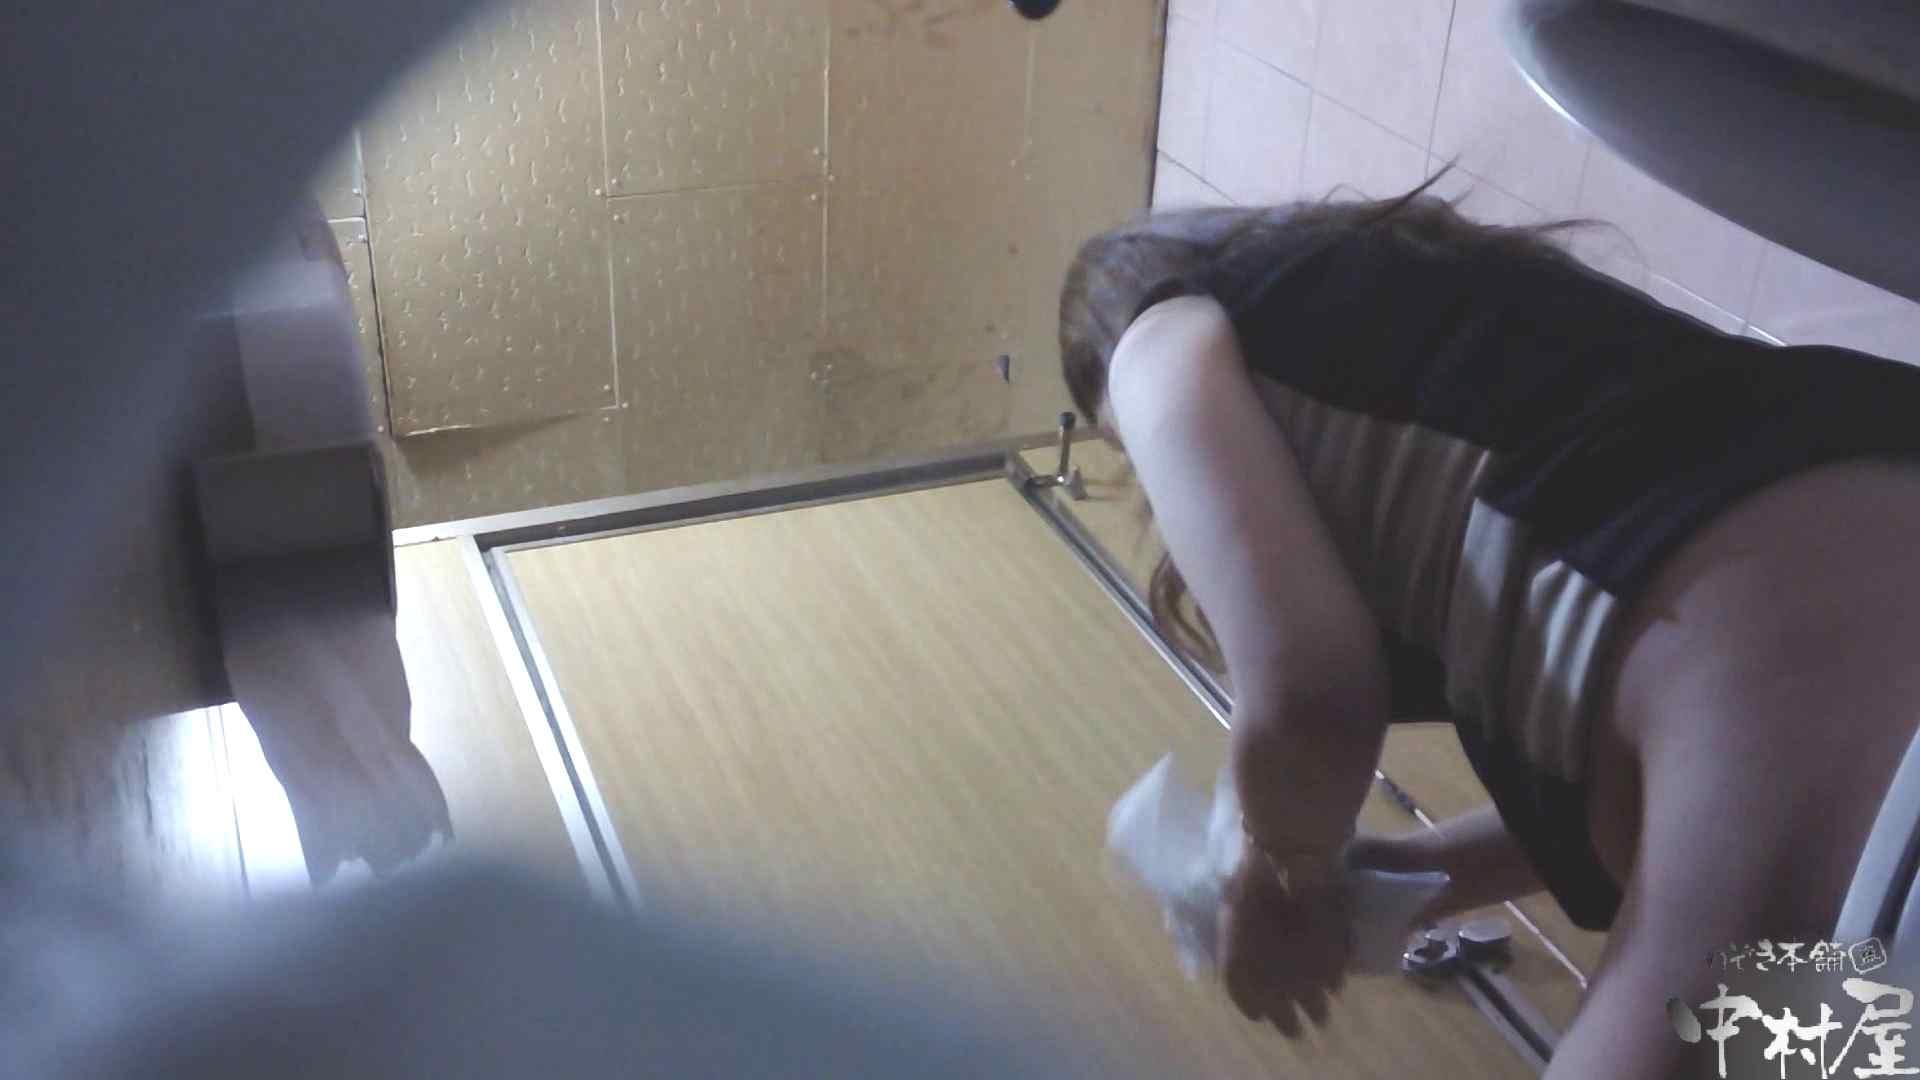 韓流トイレ盗撮vol.12 盗撮 おめこ無修正画像 76画像 38